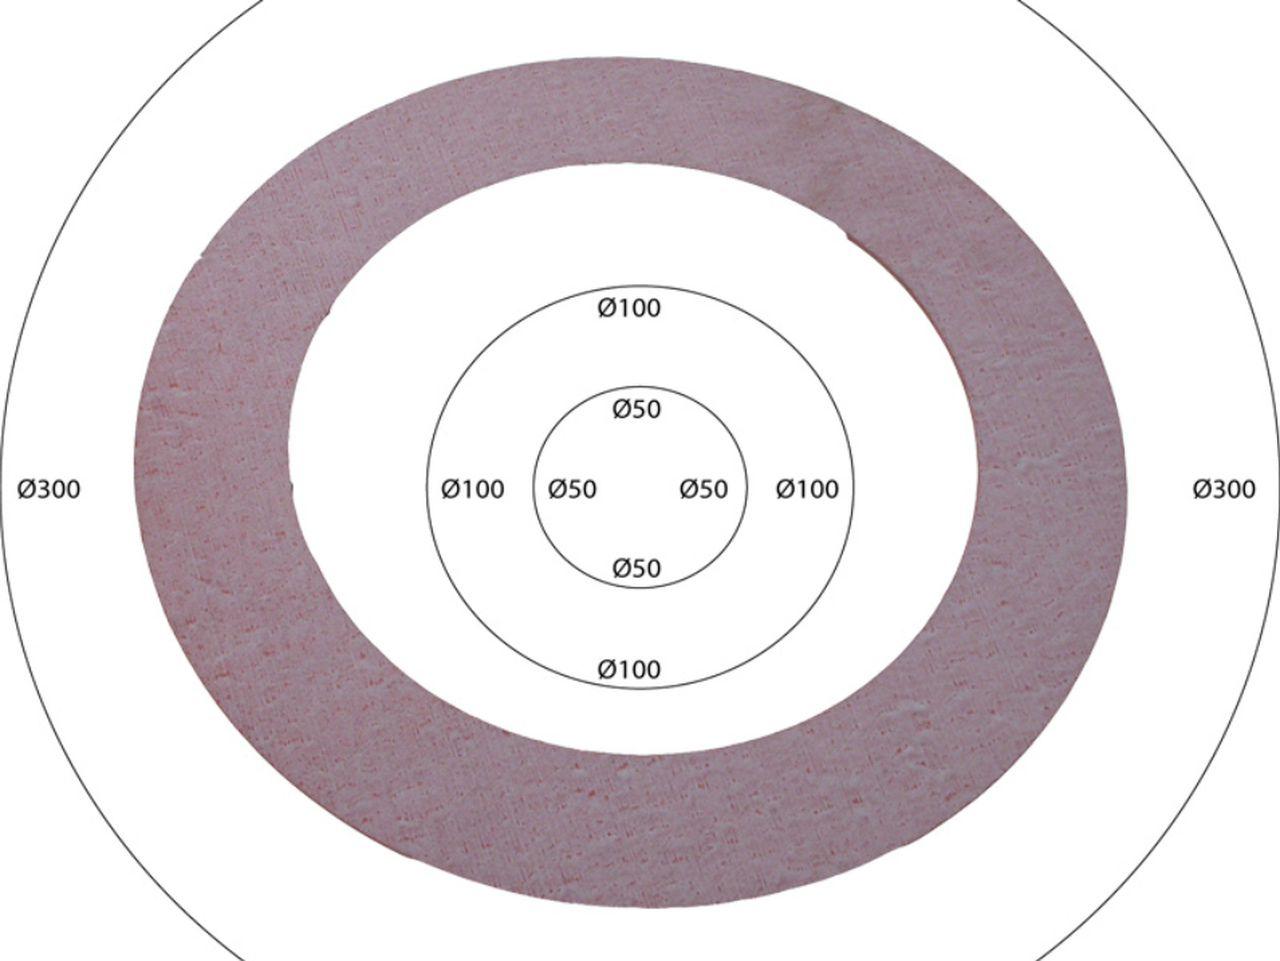 43, GASKET DISCHARGE - 028 13990 000